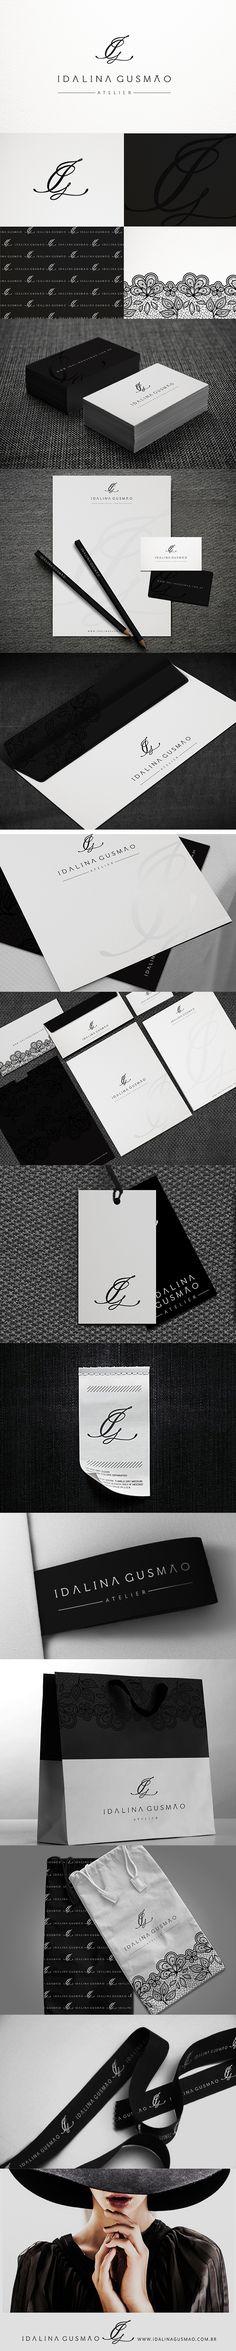 Posicionamento da marca Idalina Gusmão, estilista que assina uma moda sofisticada e em dia. Um luxo!!!! Projeto: Branding Designer: Priscila Áquila (identidade corporativa) e Pedro Áquila (marca)